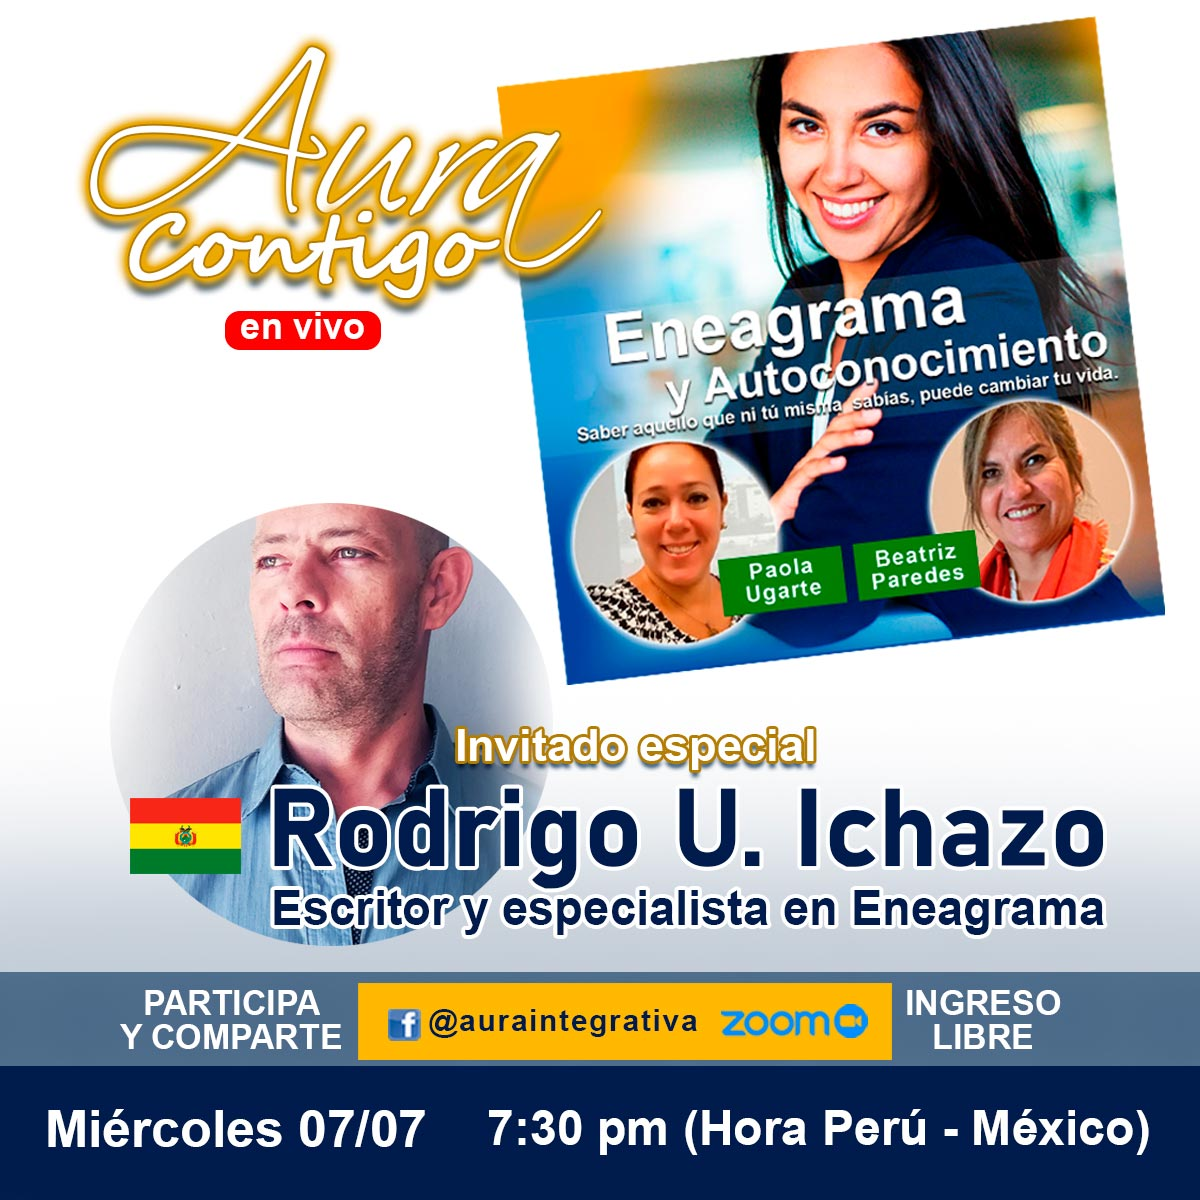 Rodrigo U Ichazo Invitado de Aura Contigo para hablar sobre Eneagrama